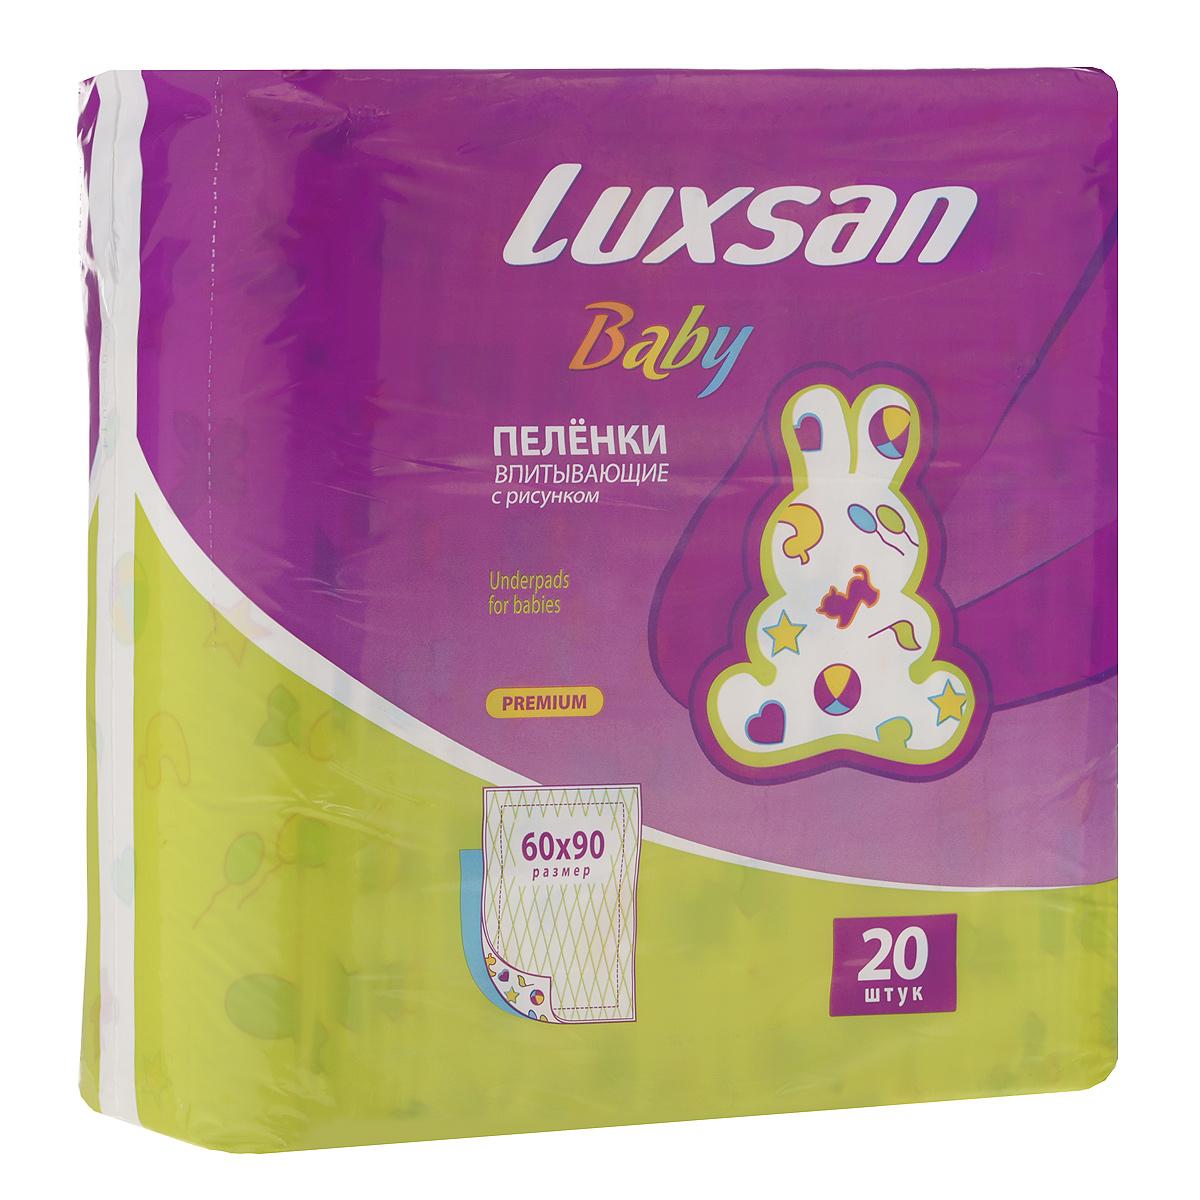 Luxsan Baby Пеленки впитывающие Premium, 60 см х 90 см, с рисунком, 20 шт luxsan пеленки впитывающие одноразовые basic normal 60 см х 60 см 30 шт